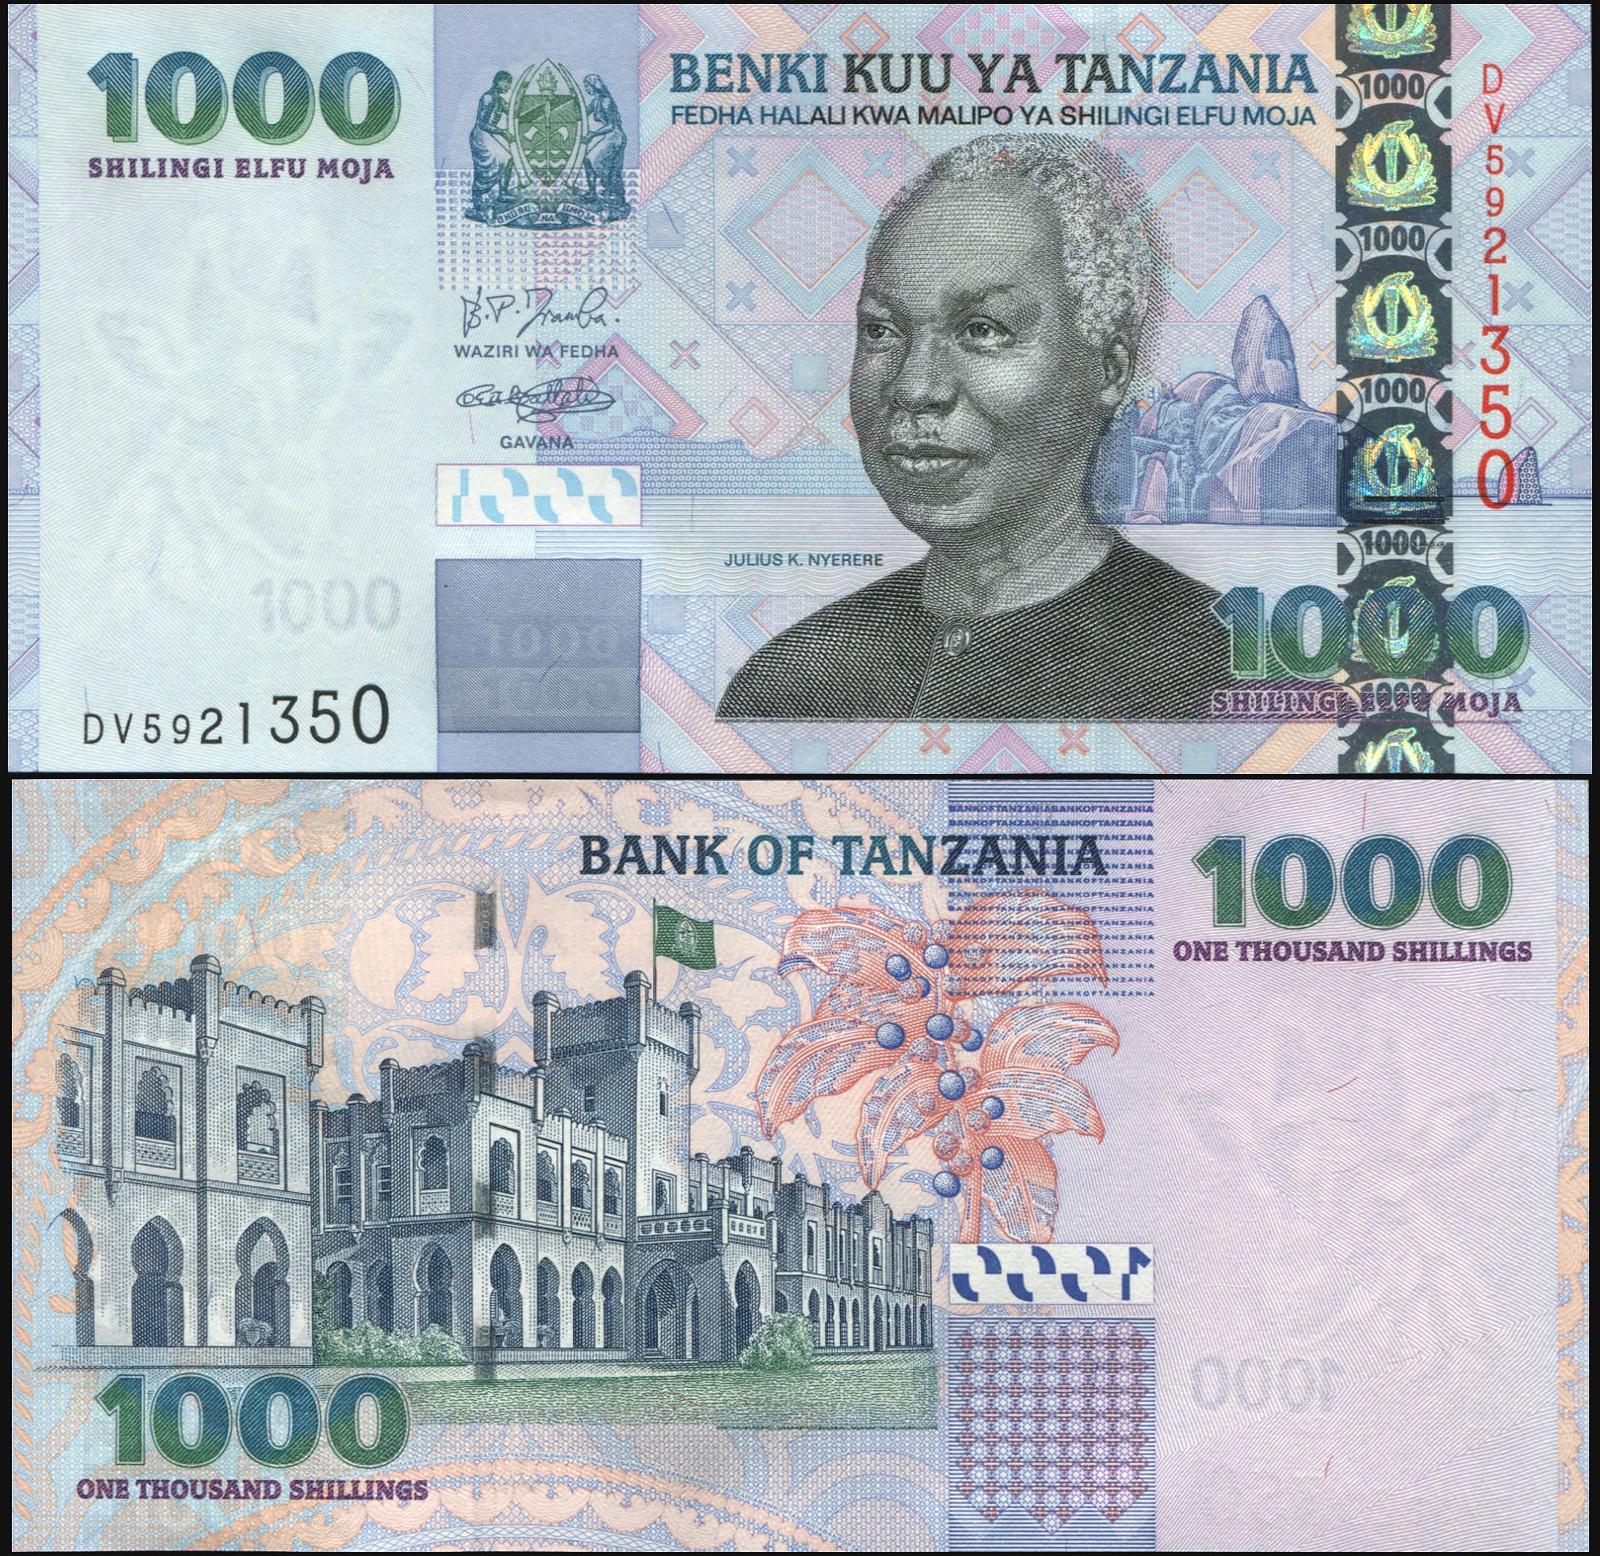 Банкнота. Танзания 1000 шиллингов. ND (2006) UNC. Кат.P.36b цена